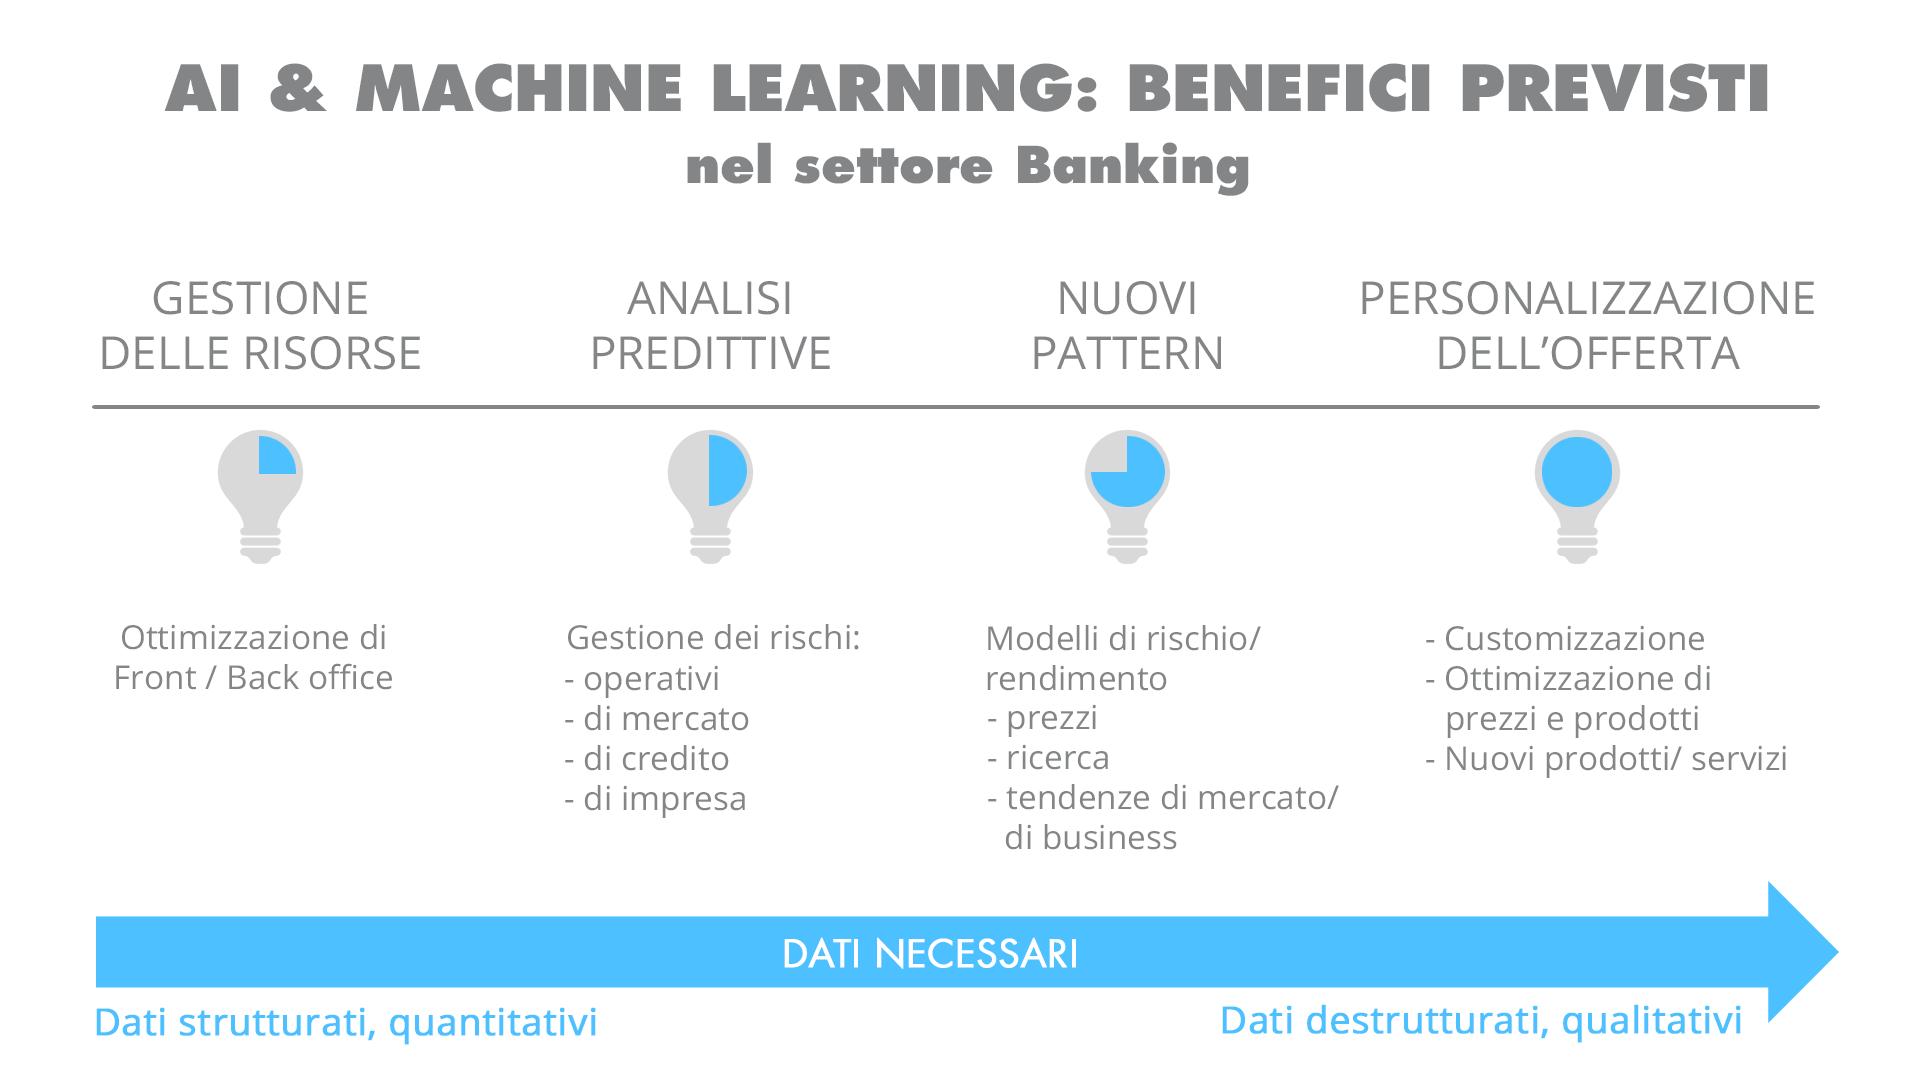 AI nel settore bancario - i benefici